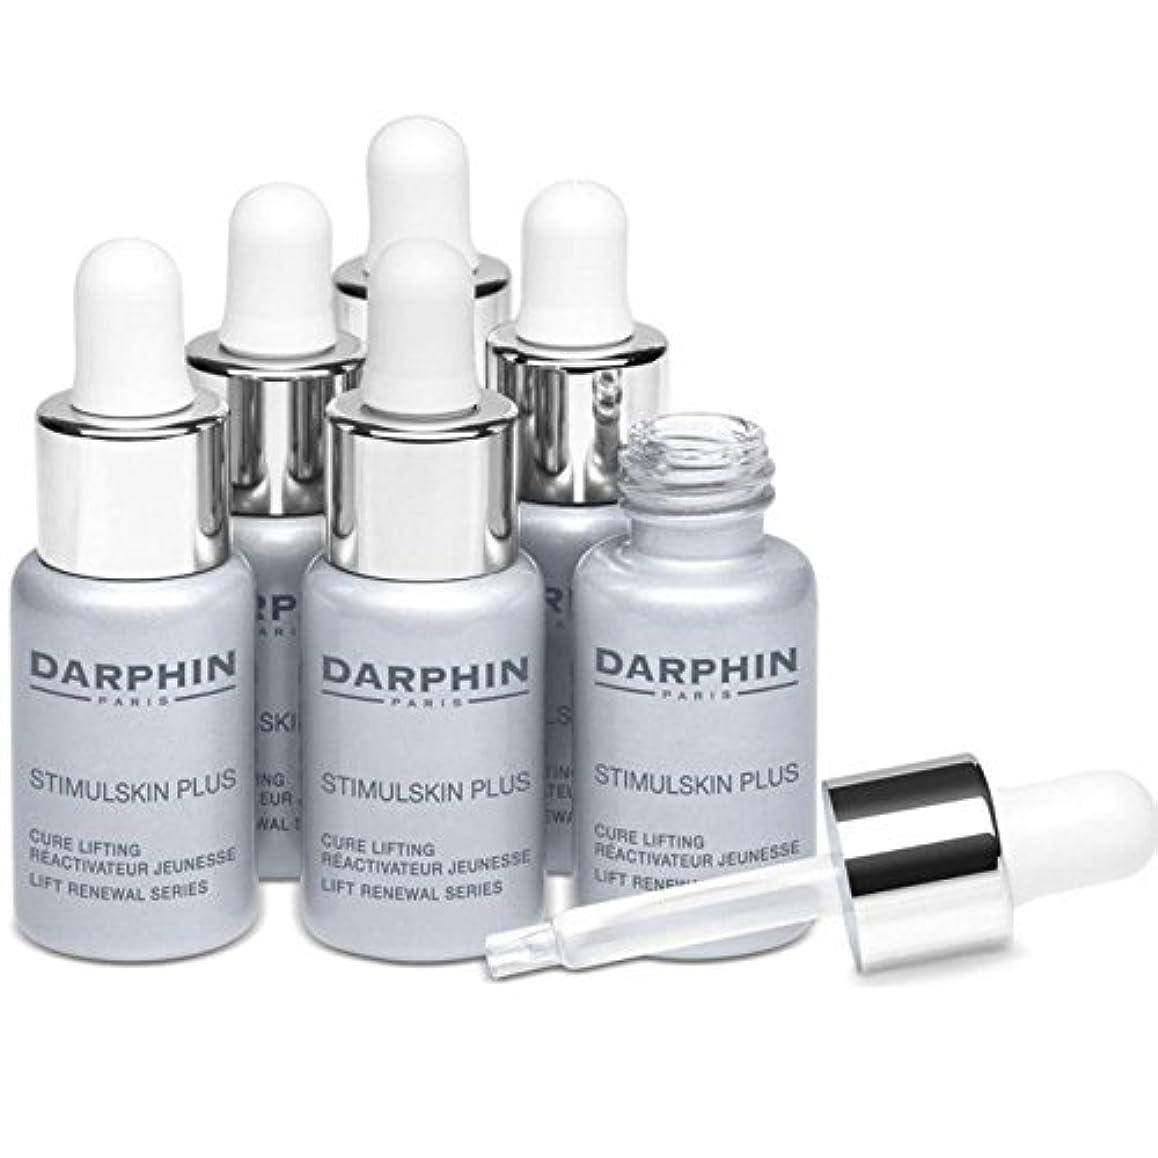 ファイバ単なるビタミンダルファンスティプラスリフトリニューアルシリーズ x4 - Darphin Stimulskin Plus Lift Renewal Series (Pack of 4) [並行輸入品]